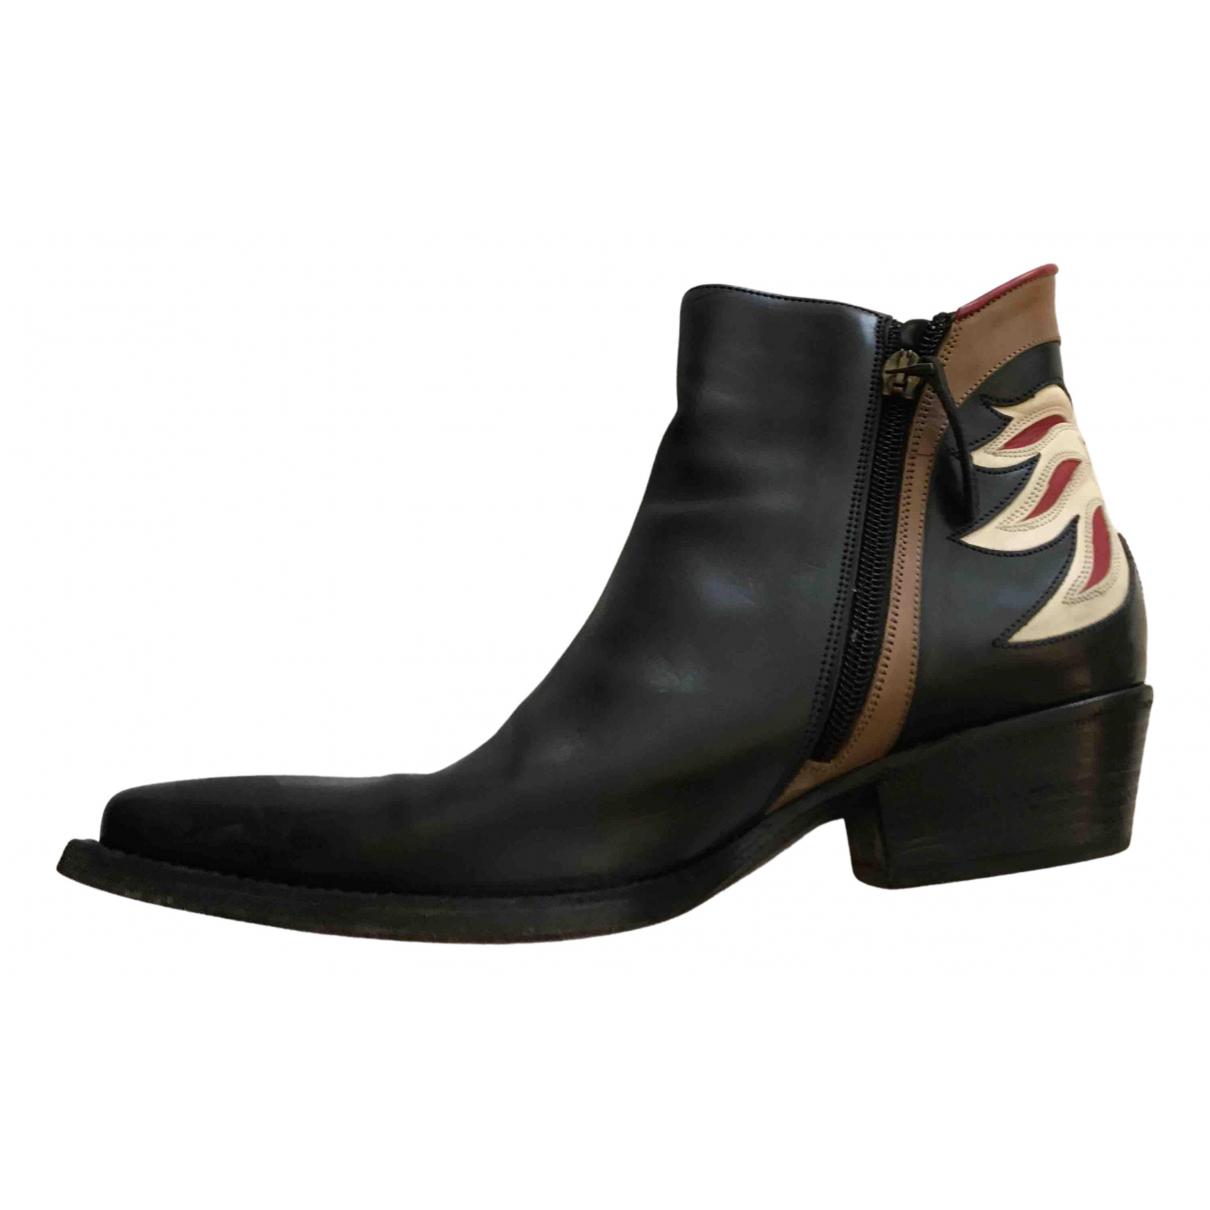 Sartore - Boots   pour femme en cuir - bleu